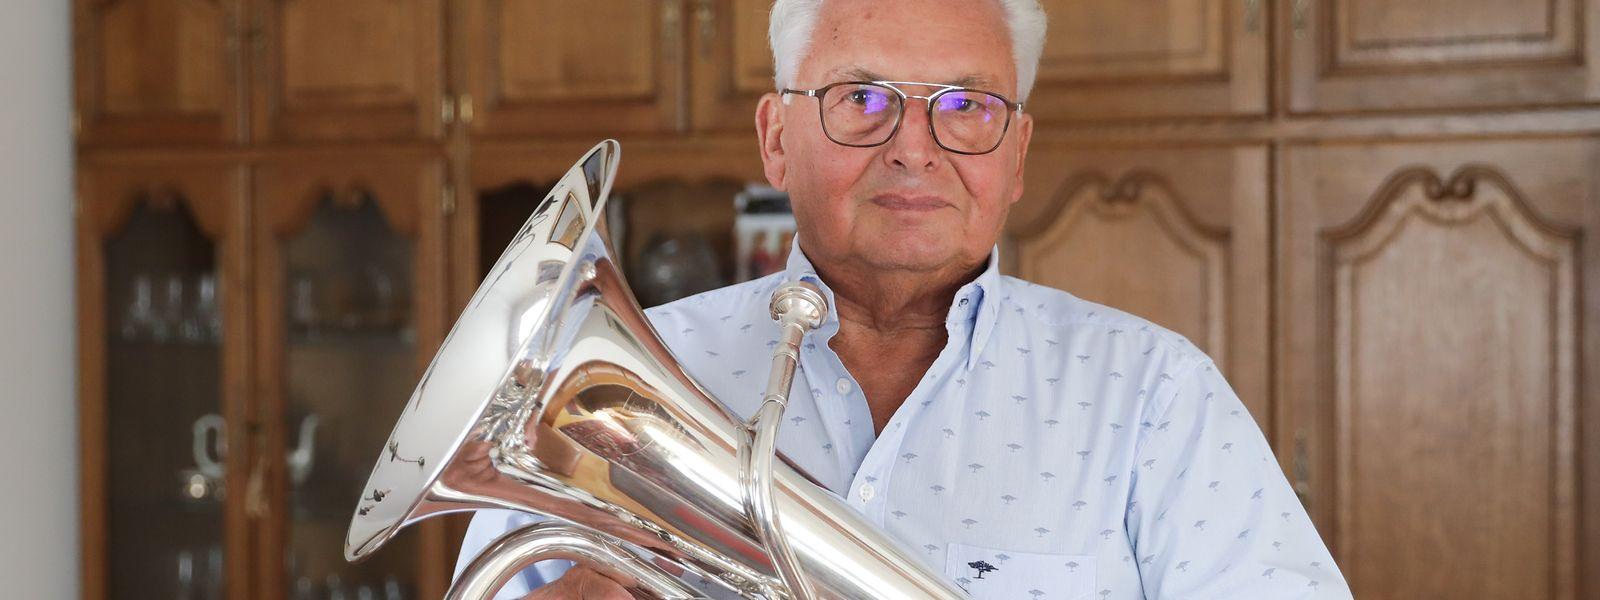 Seit 1946 spielt René Haas ein Musikinstrument, zuerst Trompete und jetzt Euphonium.